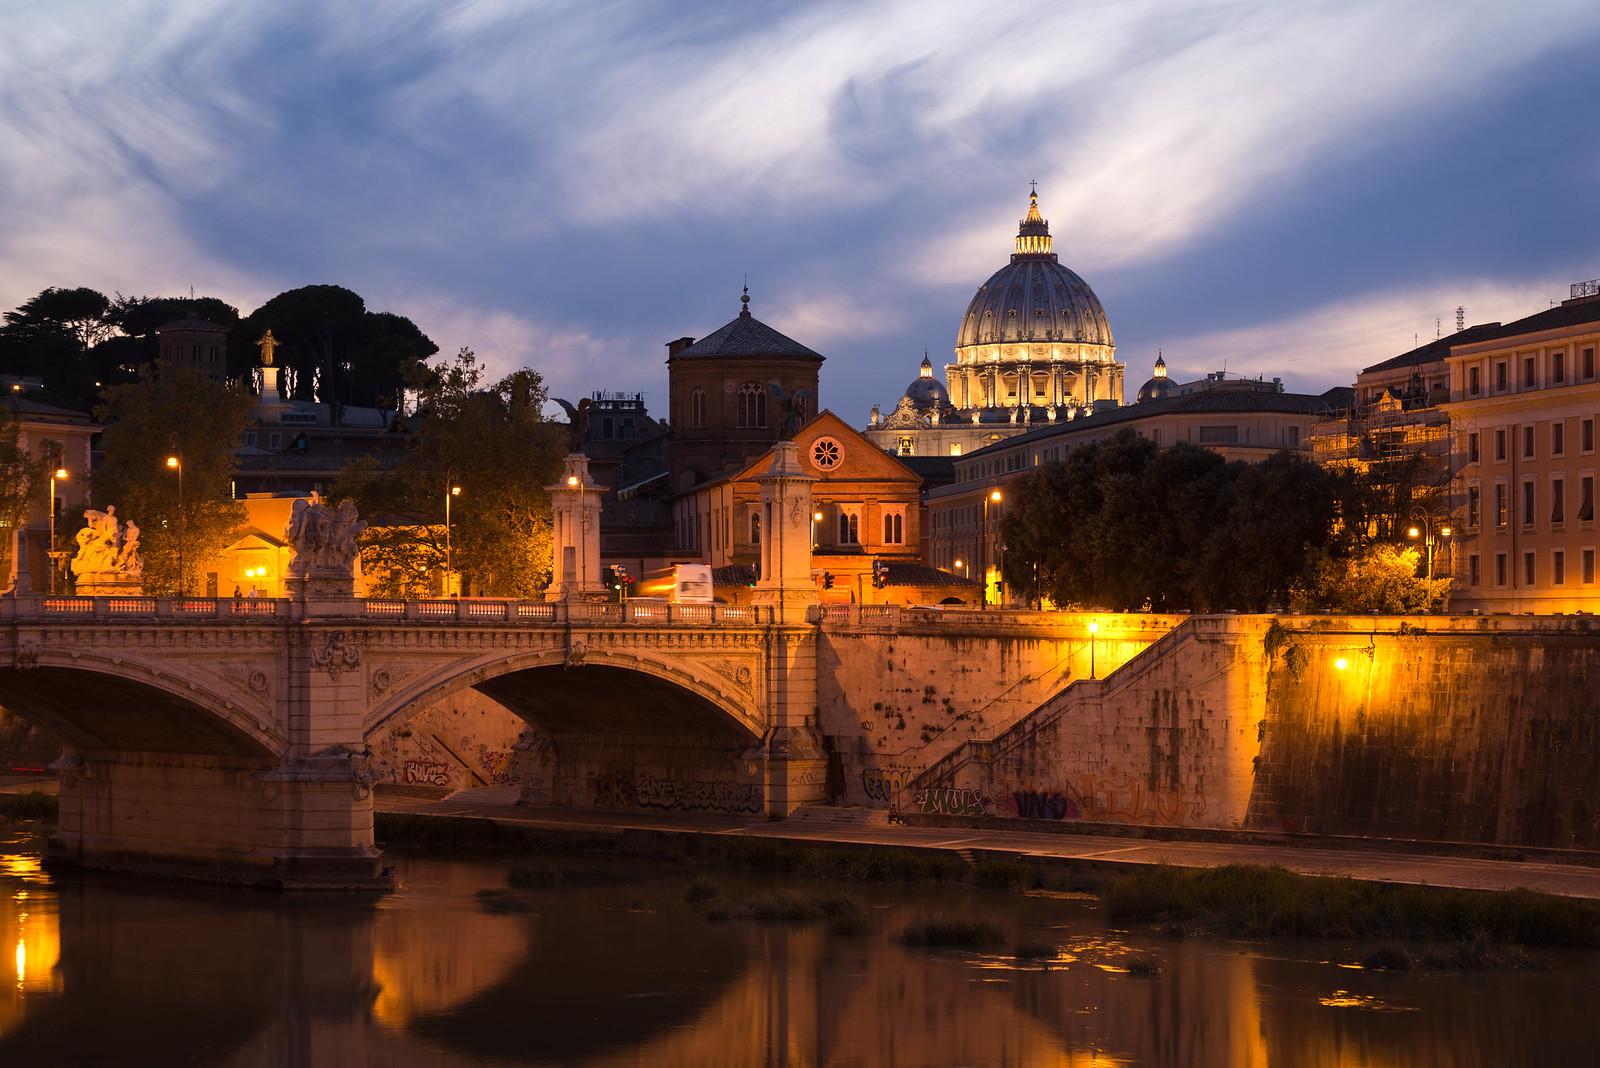 Basilica di San Pietro, Roma, Italia, 2015